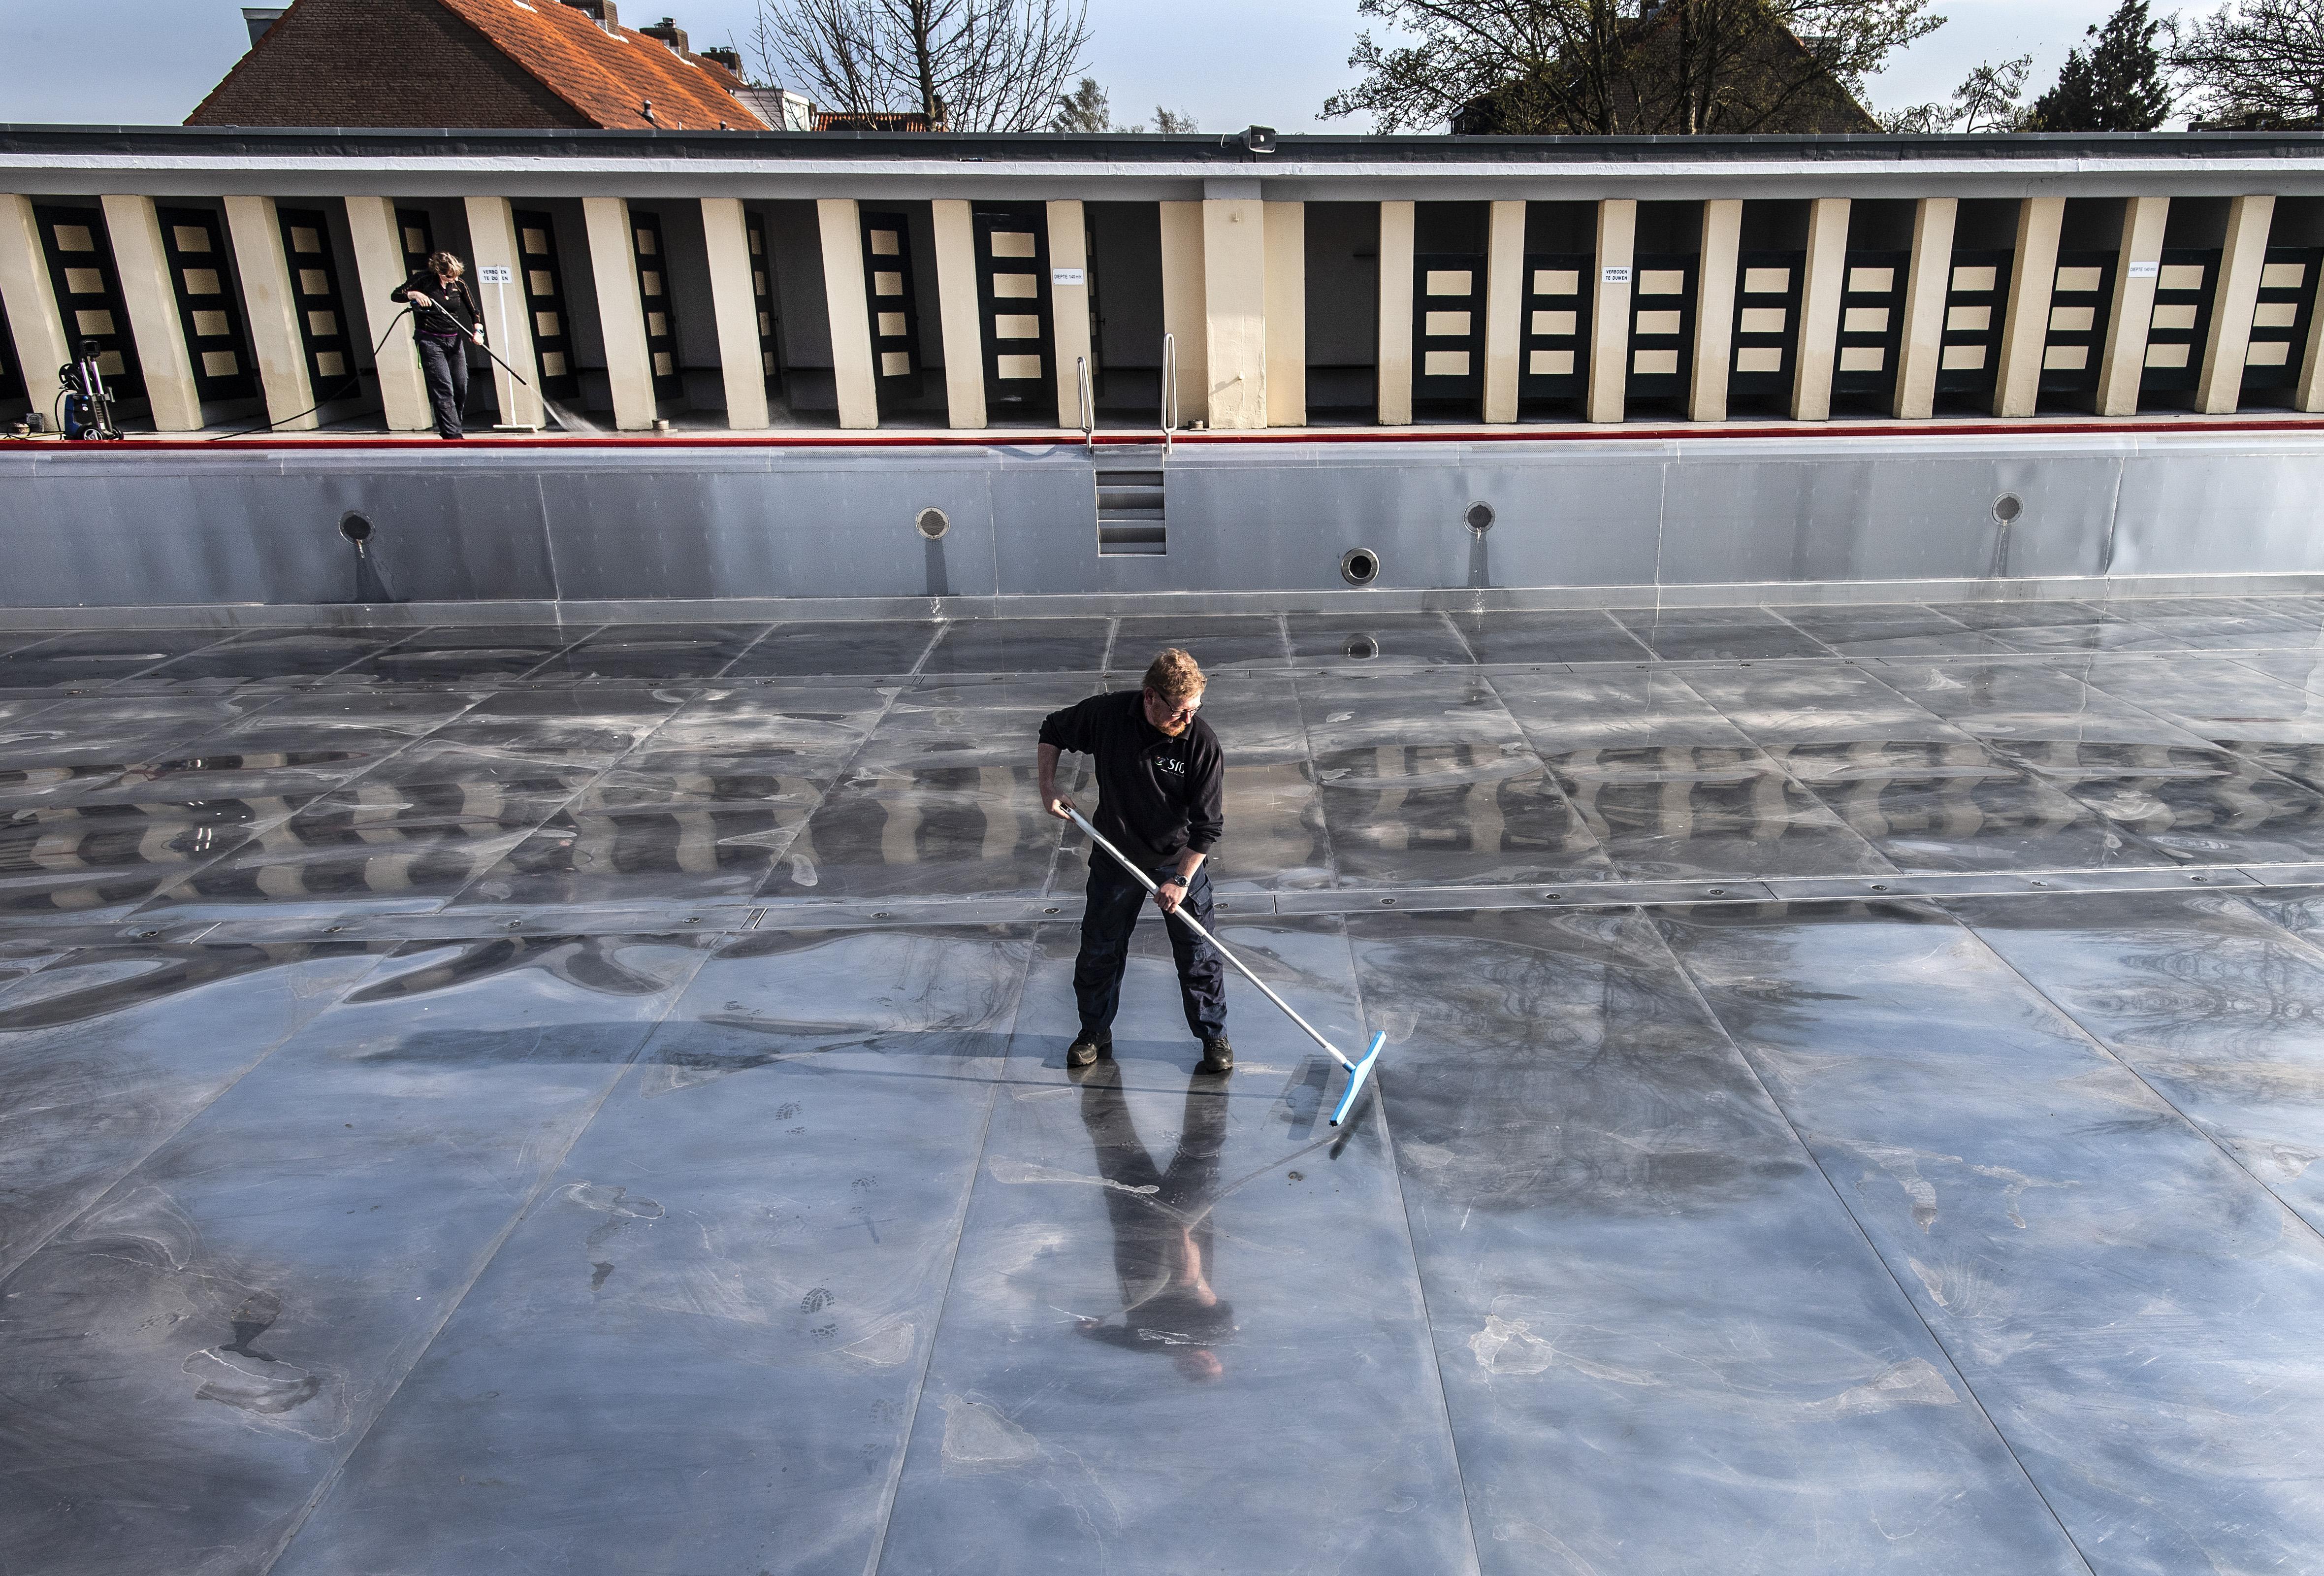 Zwemvierdaagse Houtvaart in Haarlem begint dinsdag